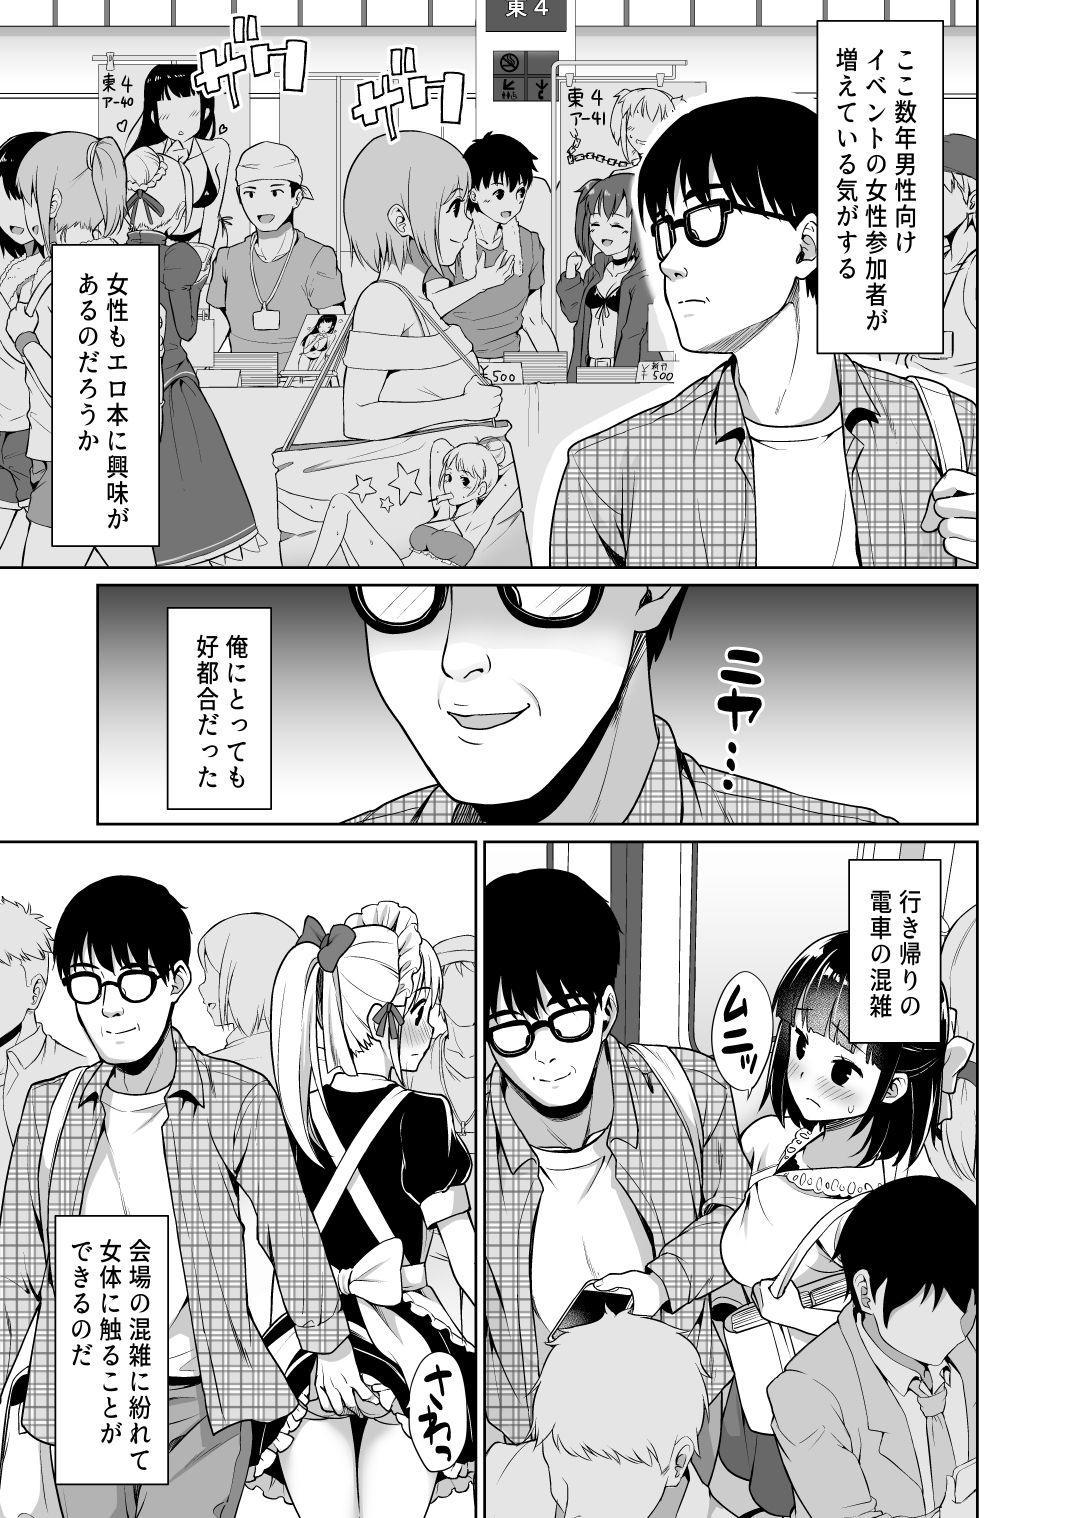 Sokubaikai no Retsu de... 2